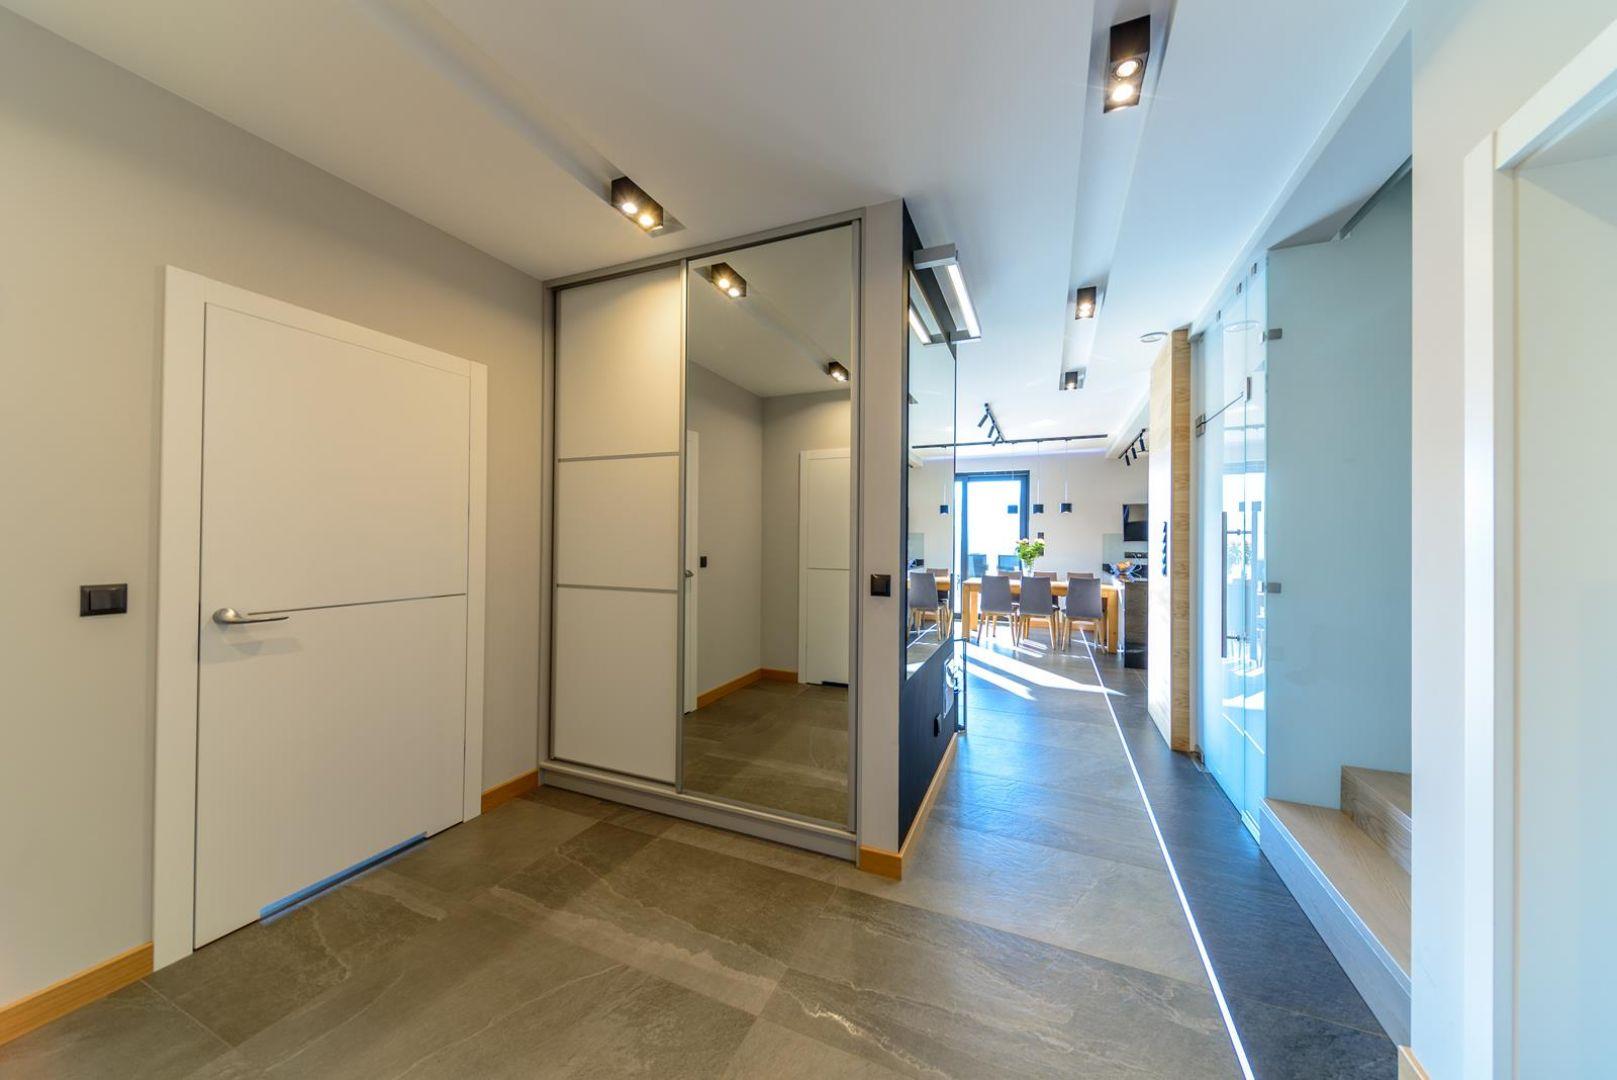 W zdecydowanej większości przypadków korytarz jest pomieszczeniem bez okien, w którym oświetlenie stanowi podstawowy, ułatwiający funkcjonowanie element wyposażenia. Projekt: Rafał Kotylak, JAI Architekcie. Fot. AQForm